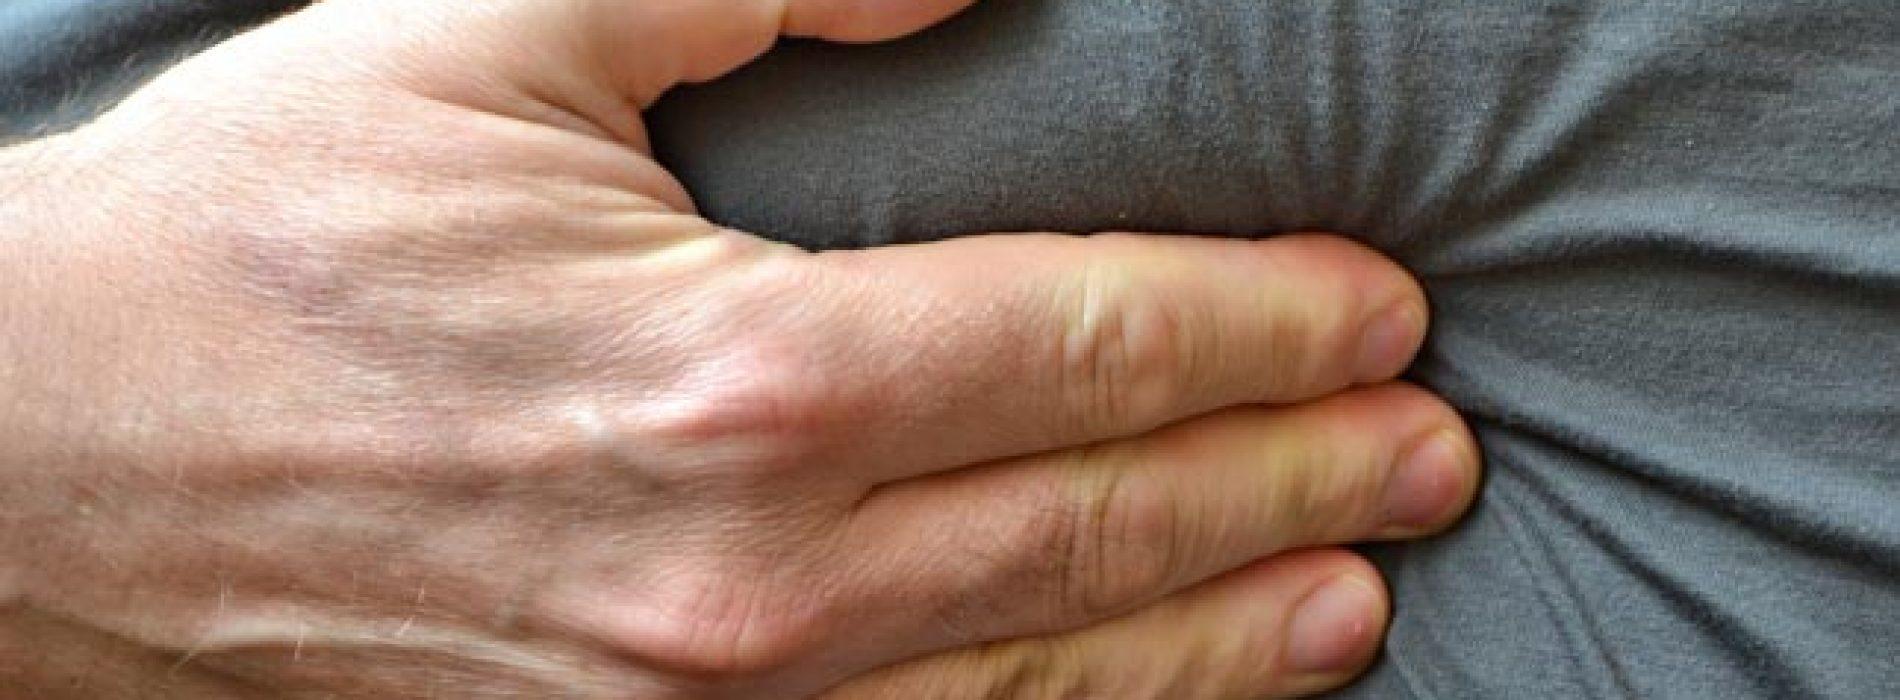 maagwandontsteking symptomen